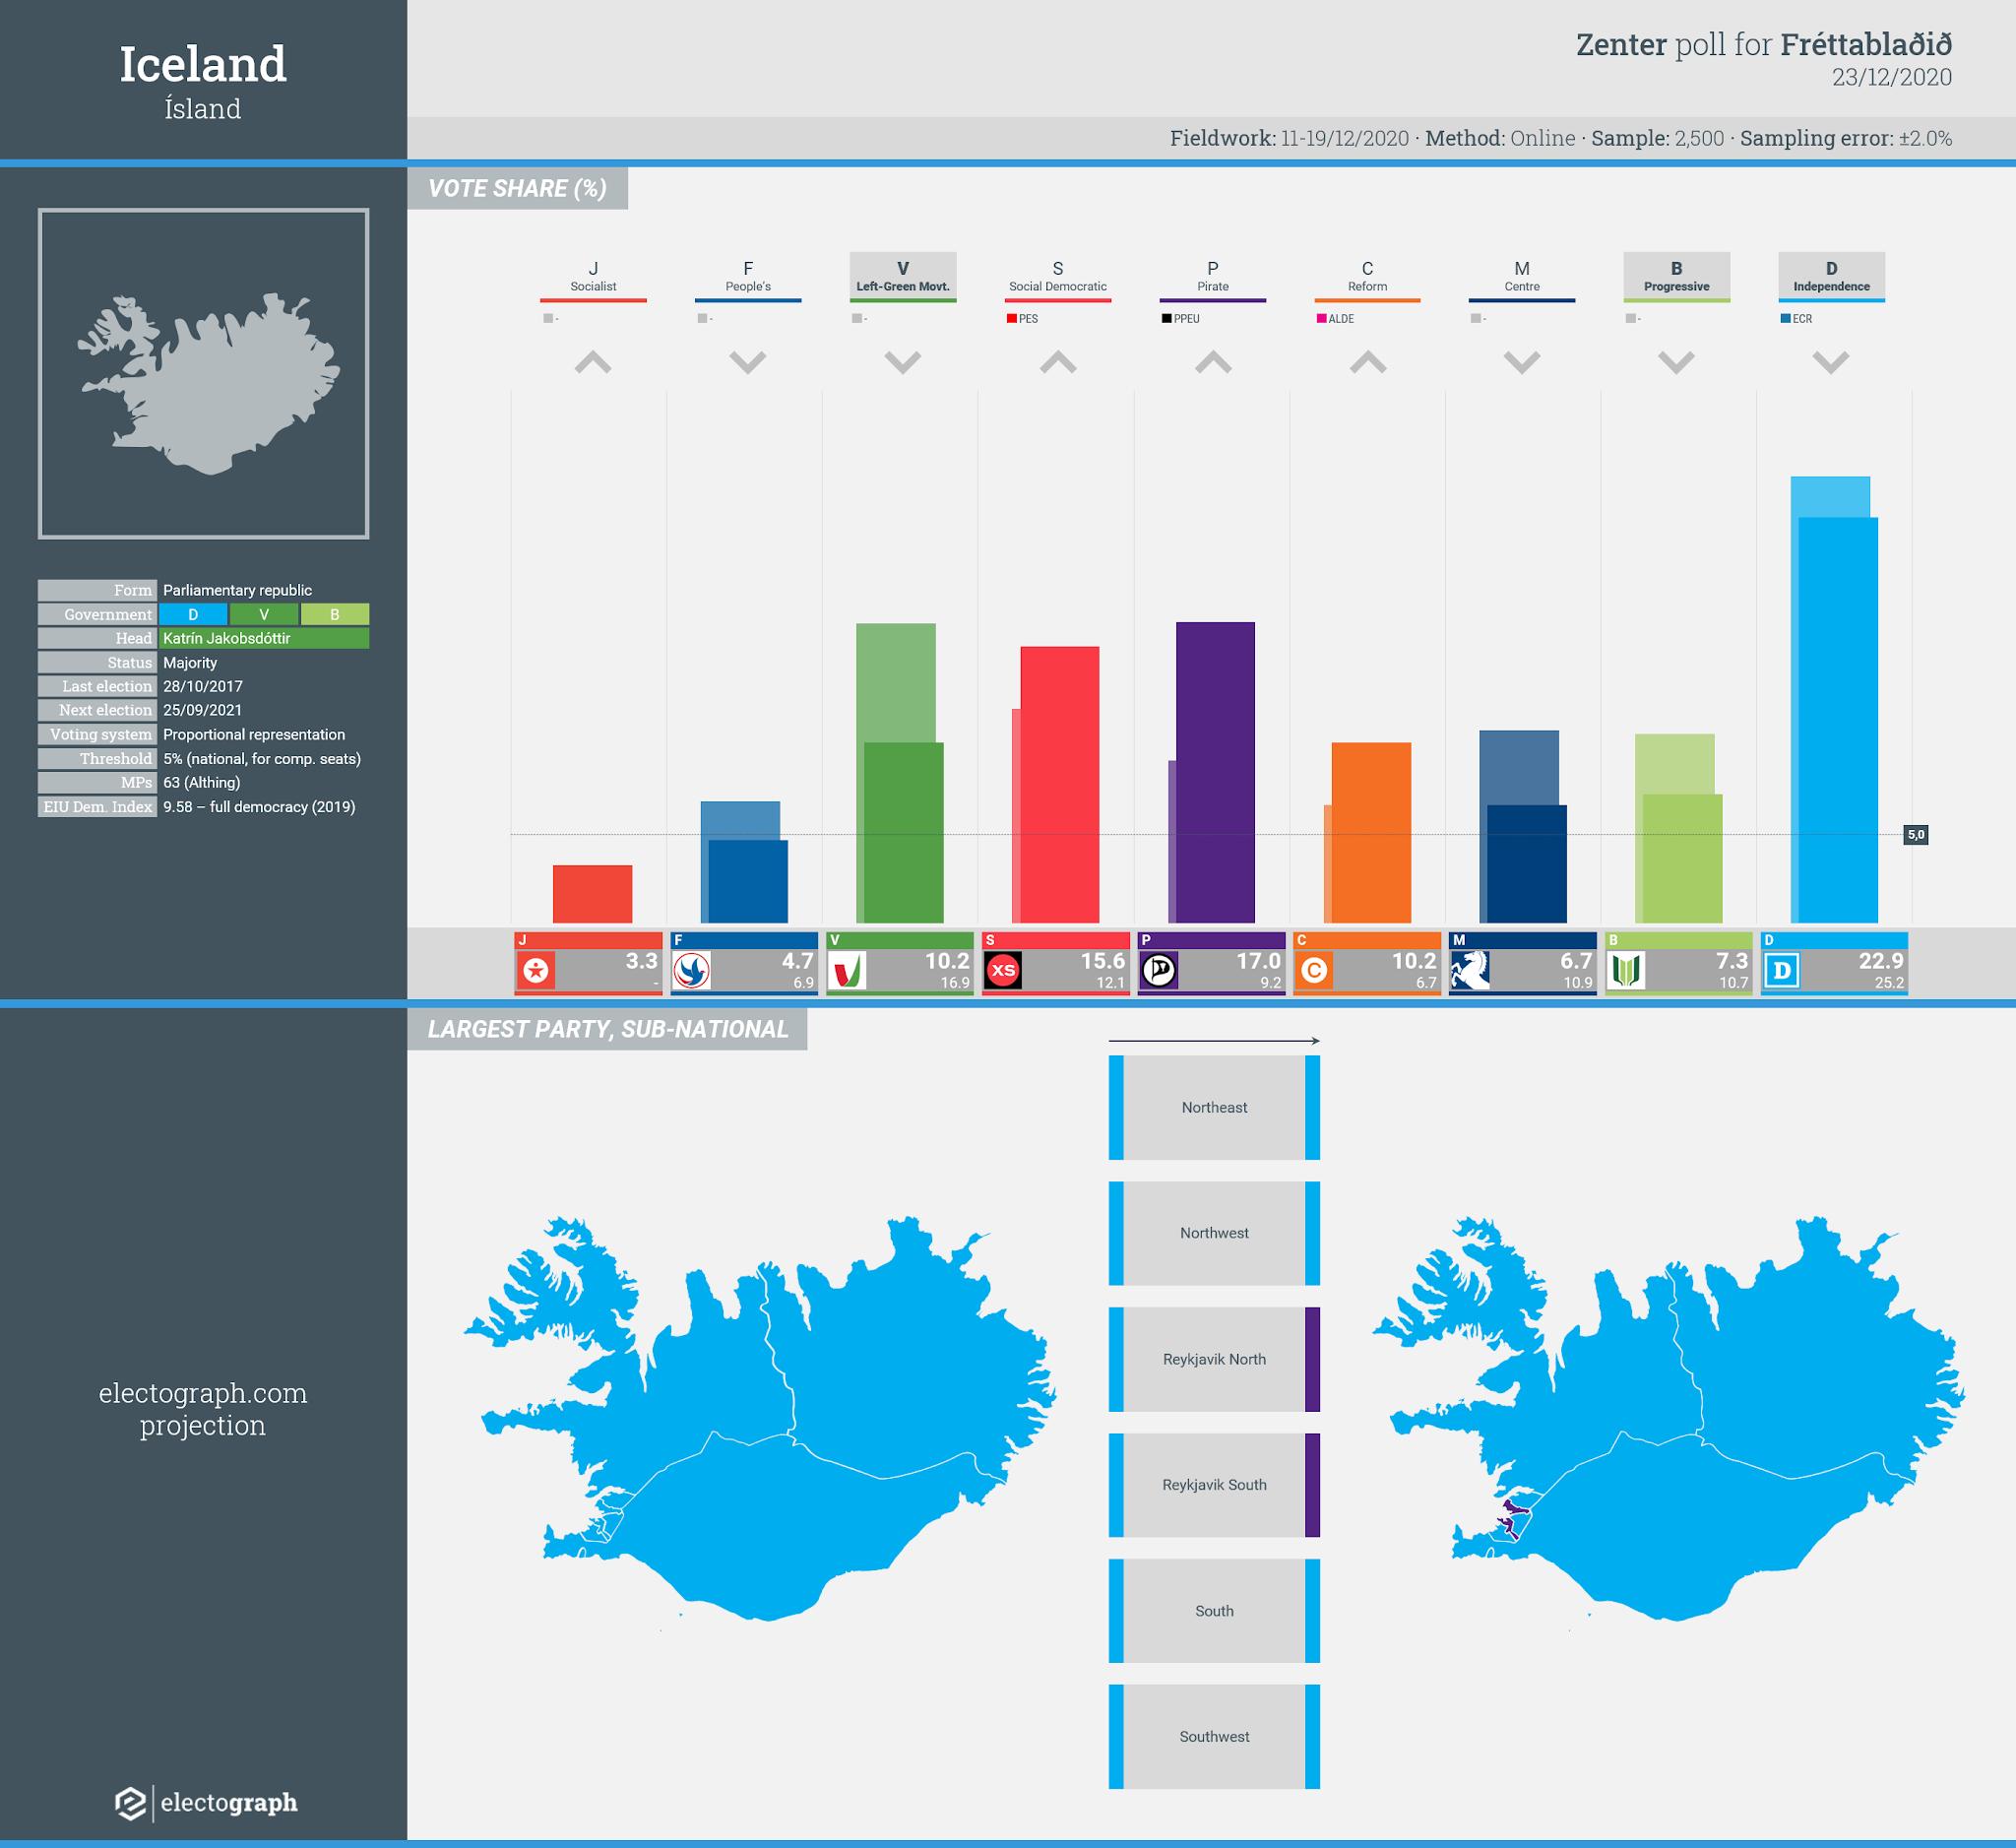 ICELAND: Zenter poll chart for Fréttablaðið, 23 December 2020